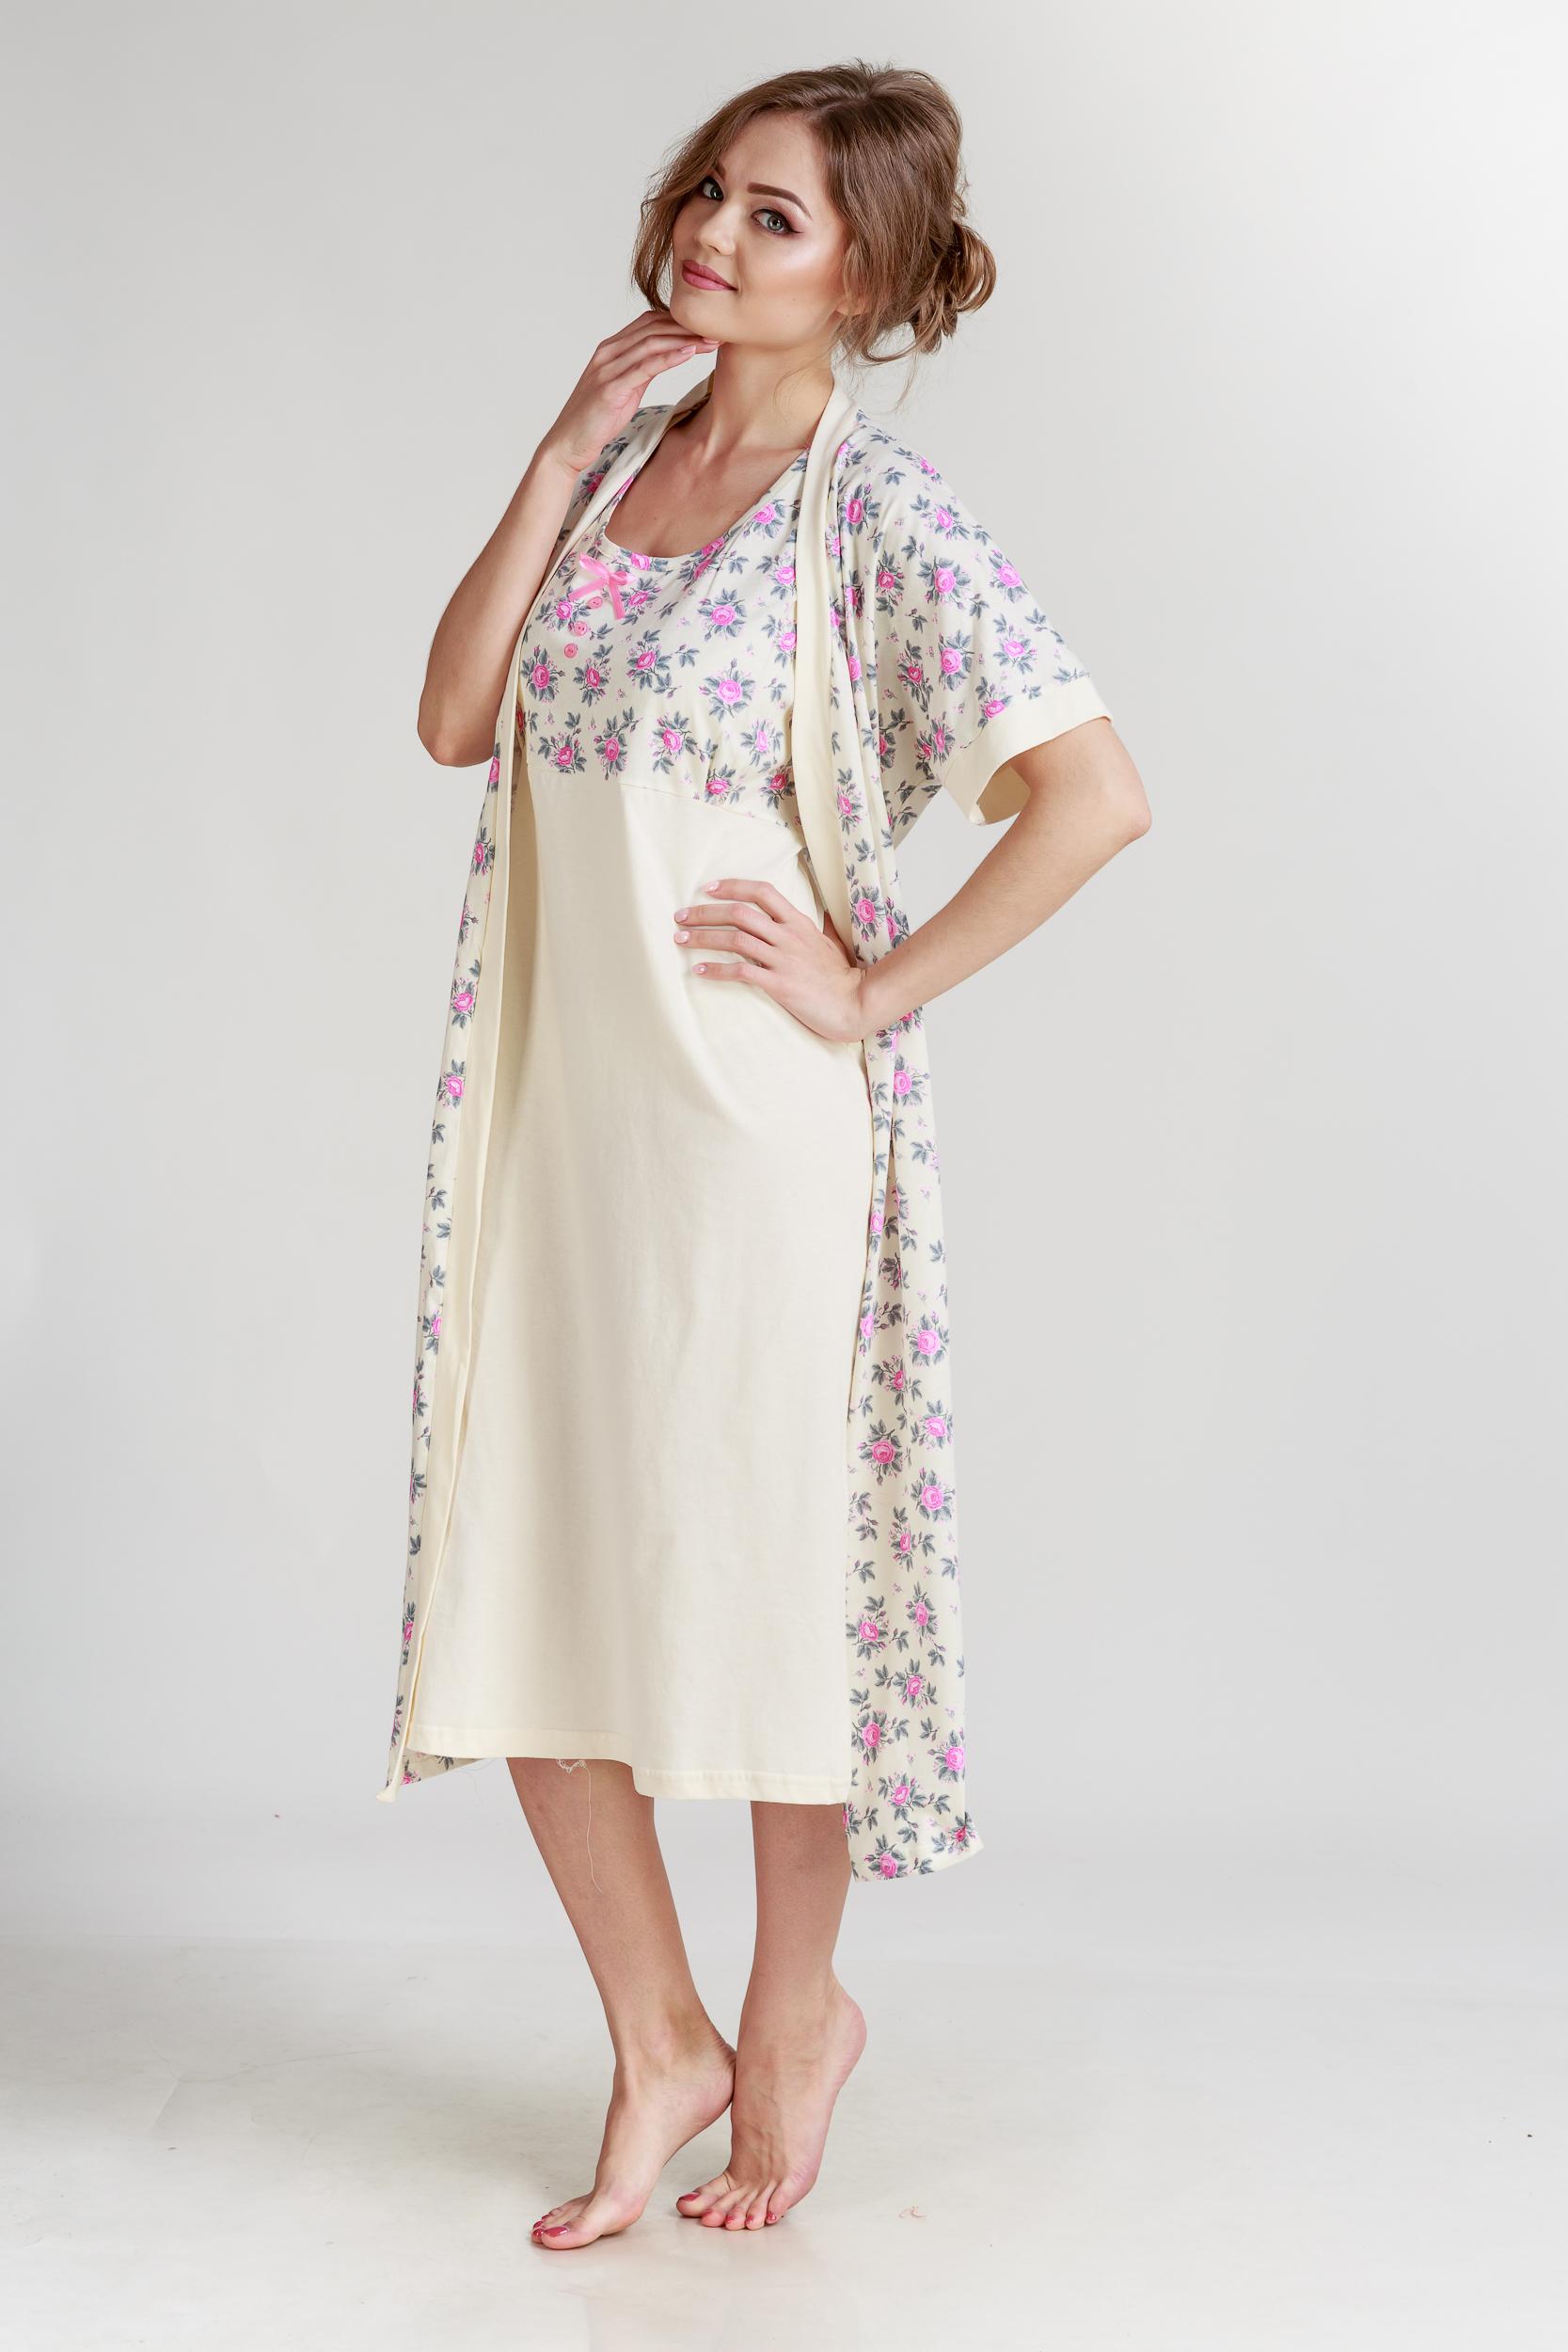 Домашние халаты Pastilla Халат и сорочка Ваниль Цвет: Розовый Экрю (xL) халаты домашние лори халат